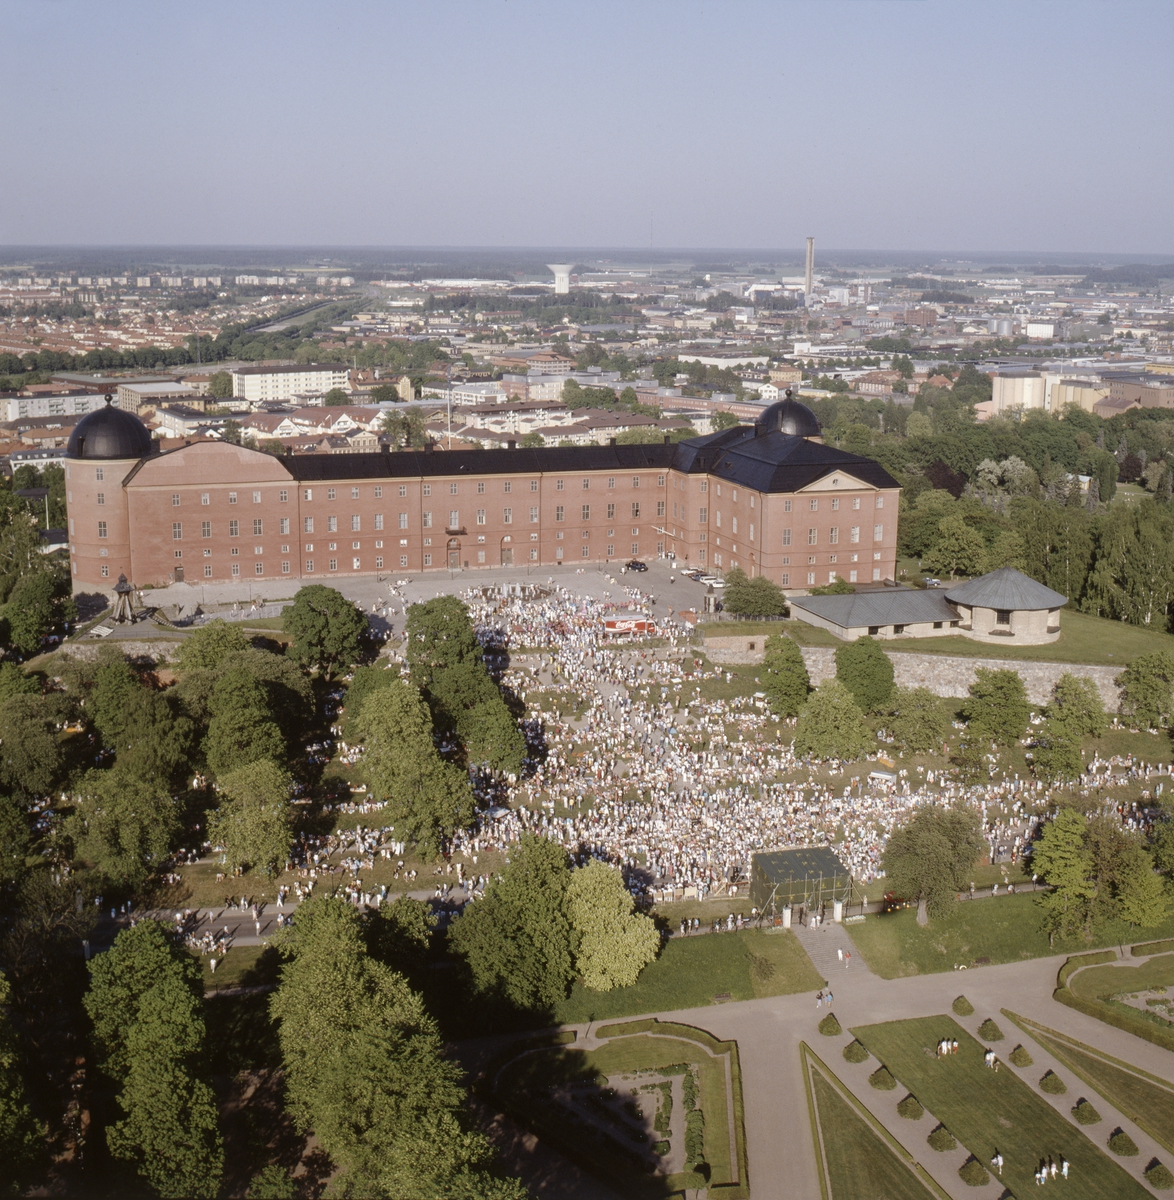 Vy över Uppsala slott, Slottsparken och Botaniska trädgården, Uppsala, juni 1989